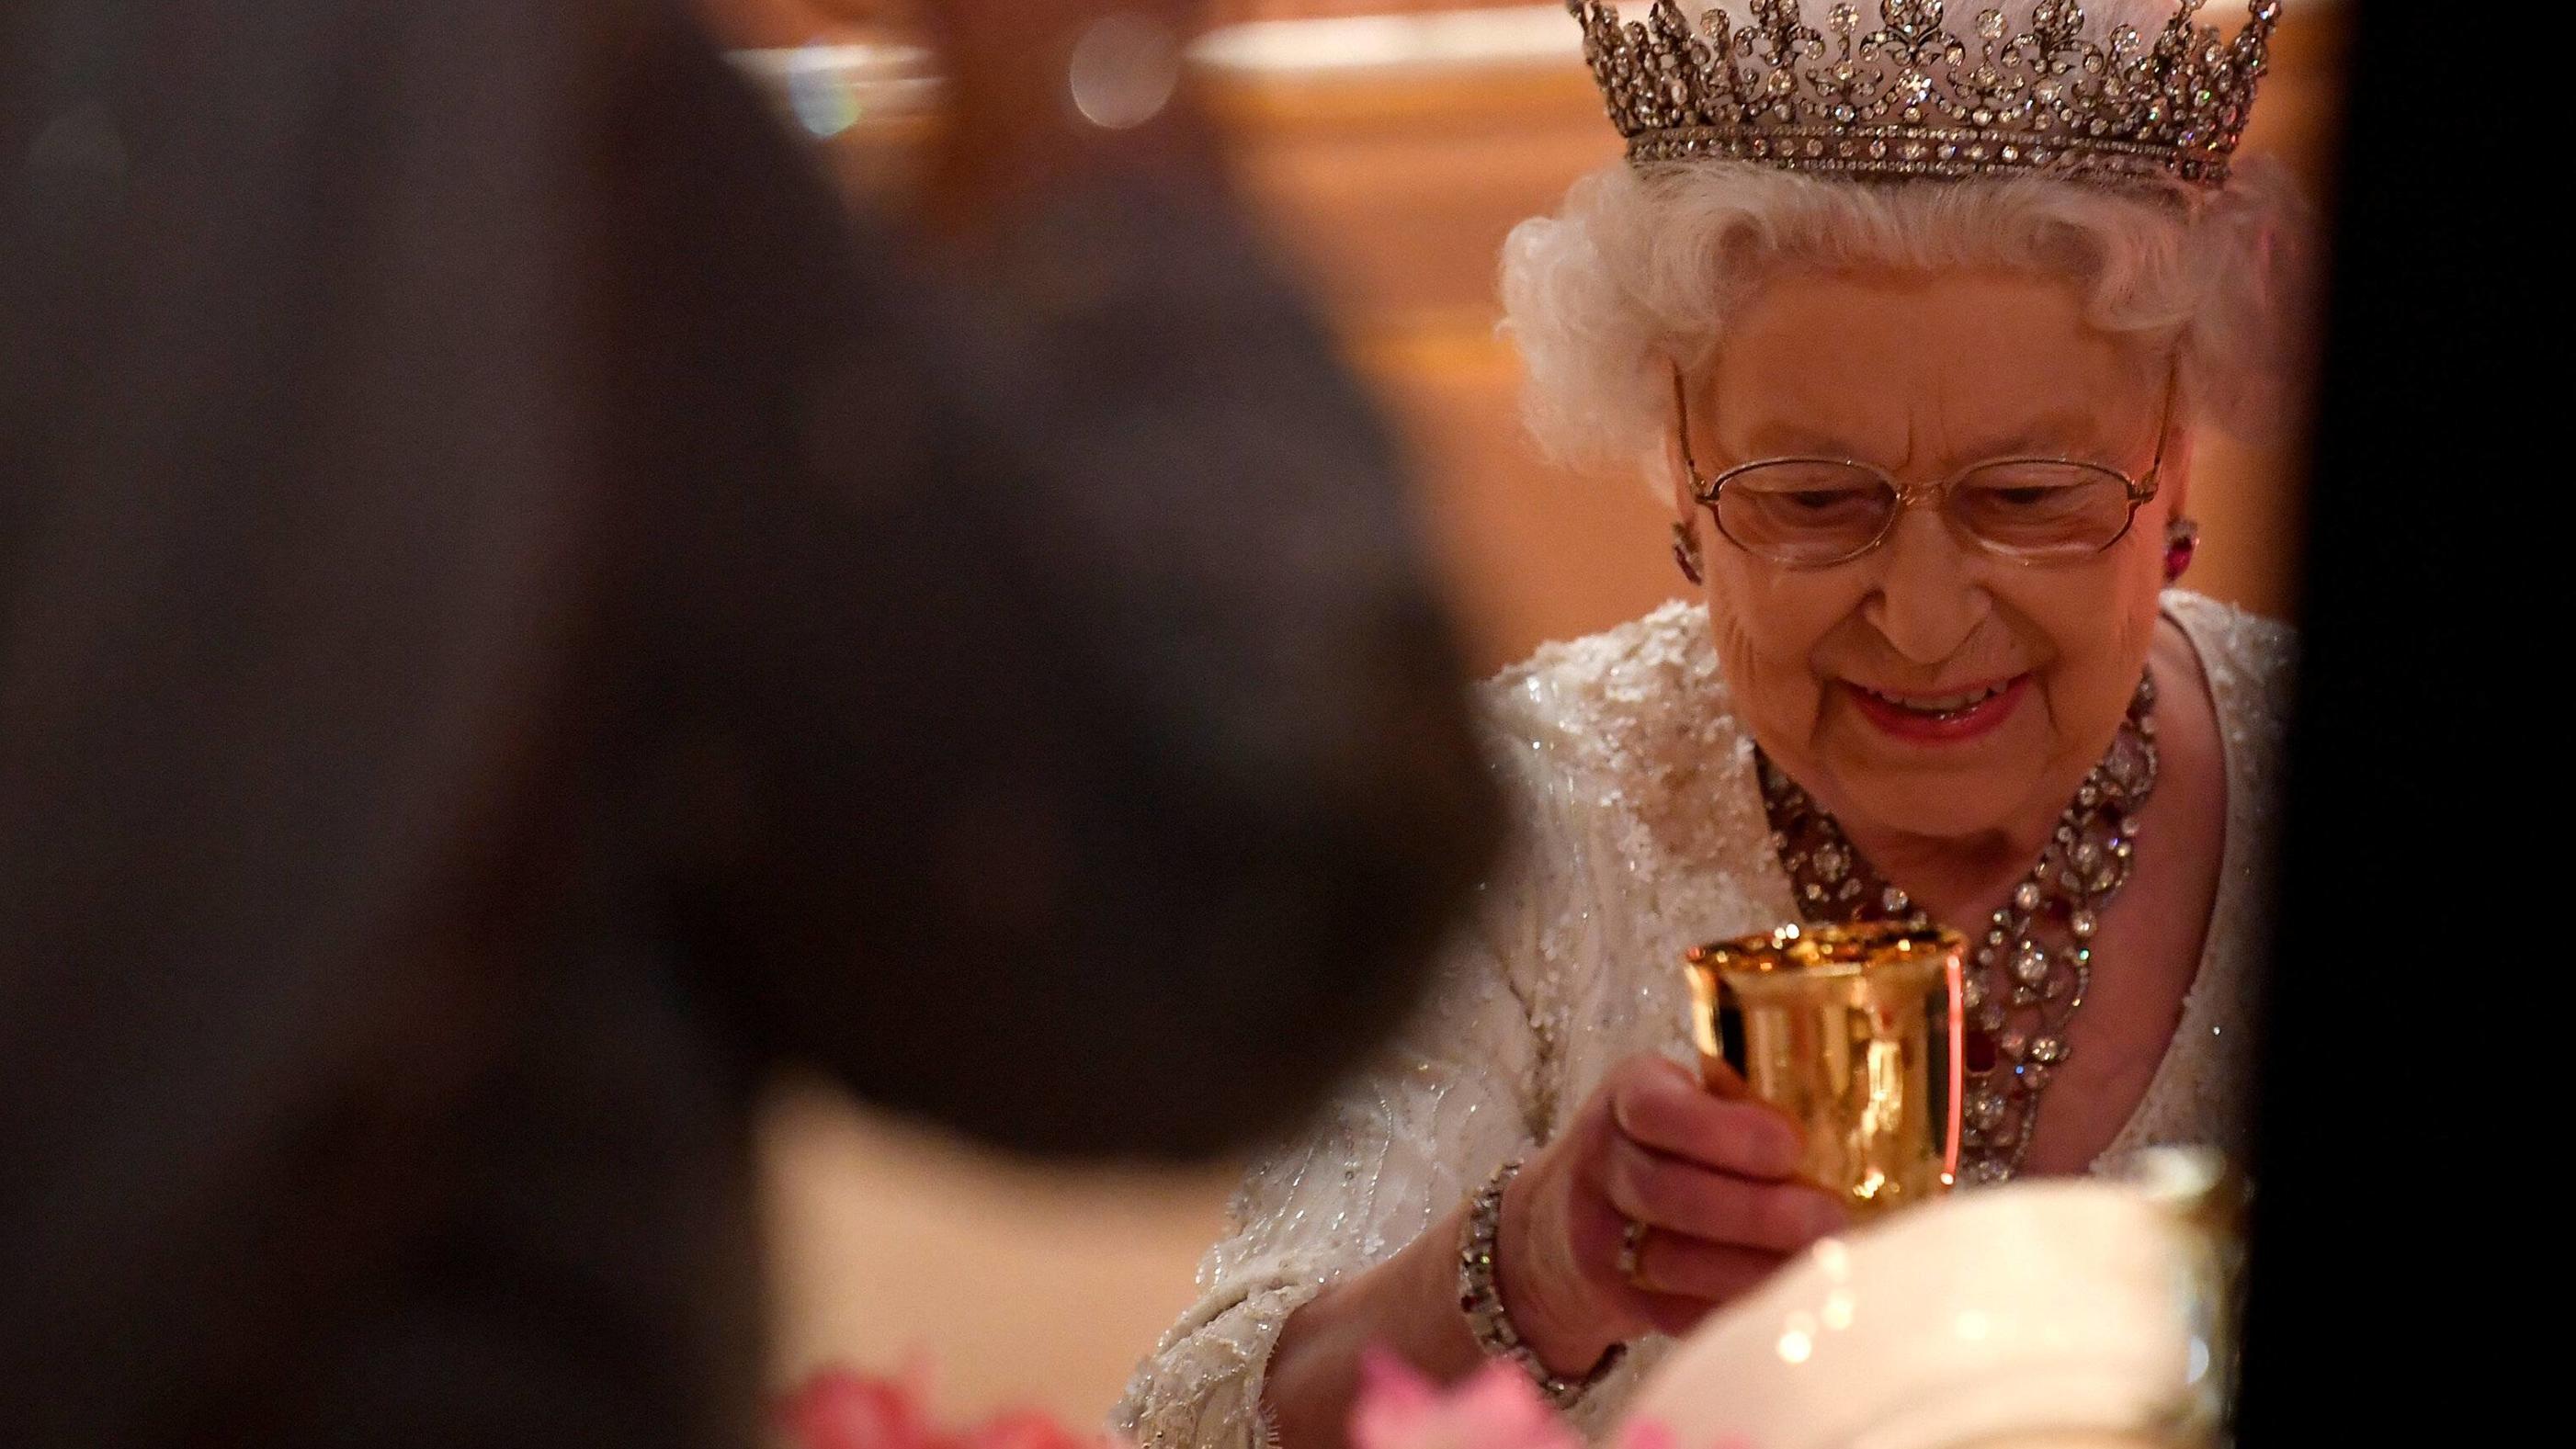 An Ihrem 92 Geburtstag Bricht Die Queen Mit Der Tradition